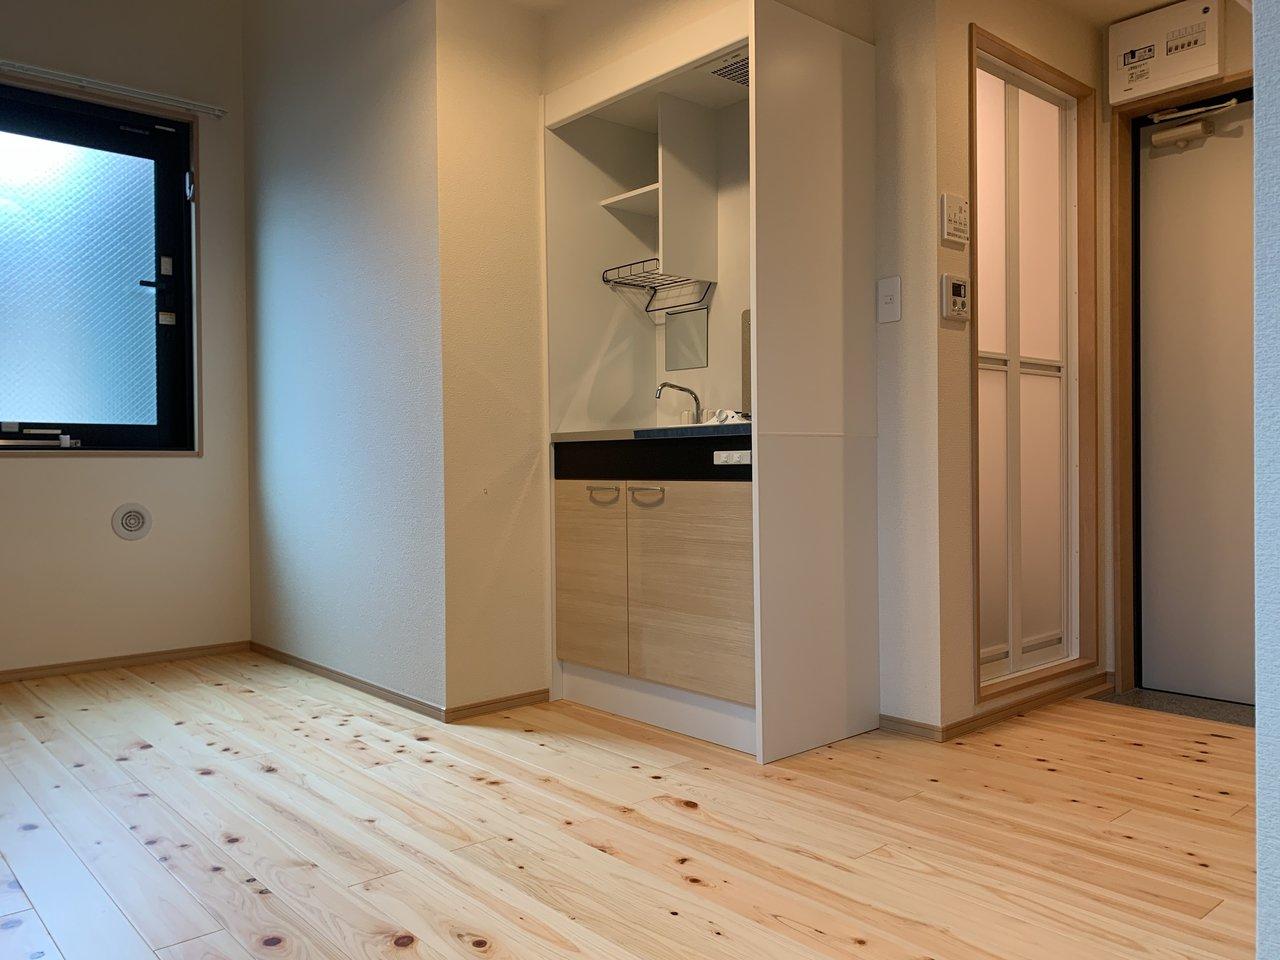 キッチンは小さいながらもコンロ・シンクがあります。仕事が遅くまであって外食が多い方のほうがよさそうですね。